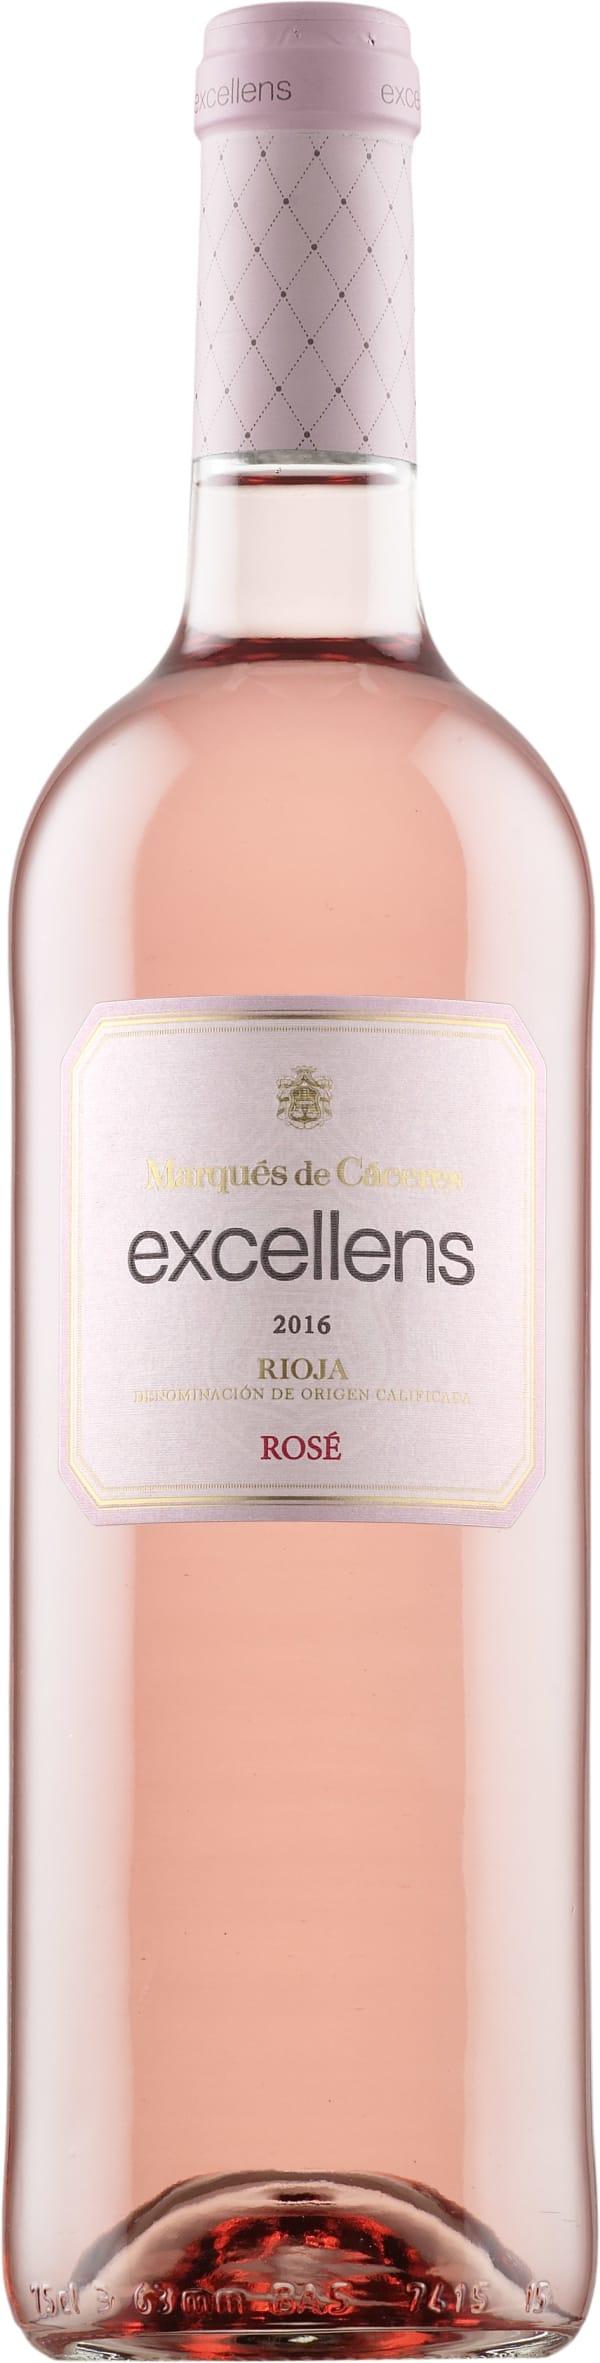 Marqués de Cáceres Excellens Rosé